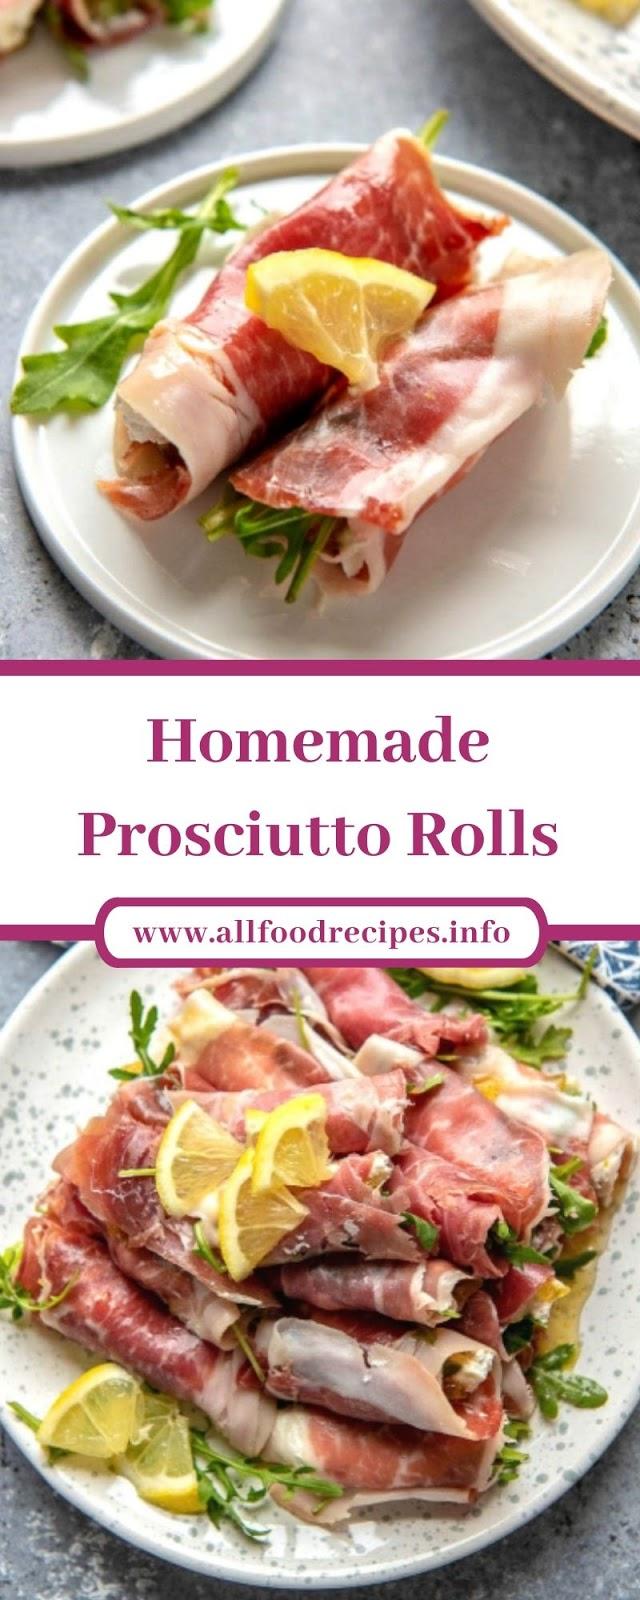 Homemade Prosciutto Rolls